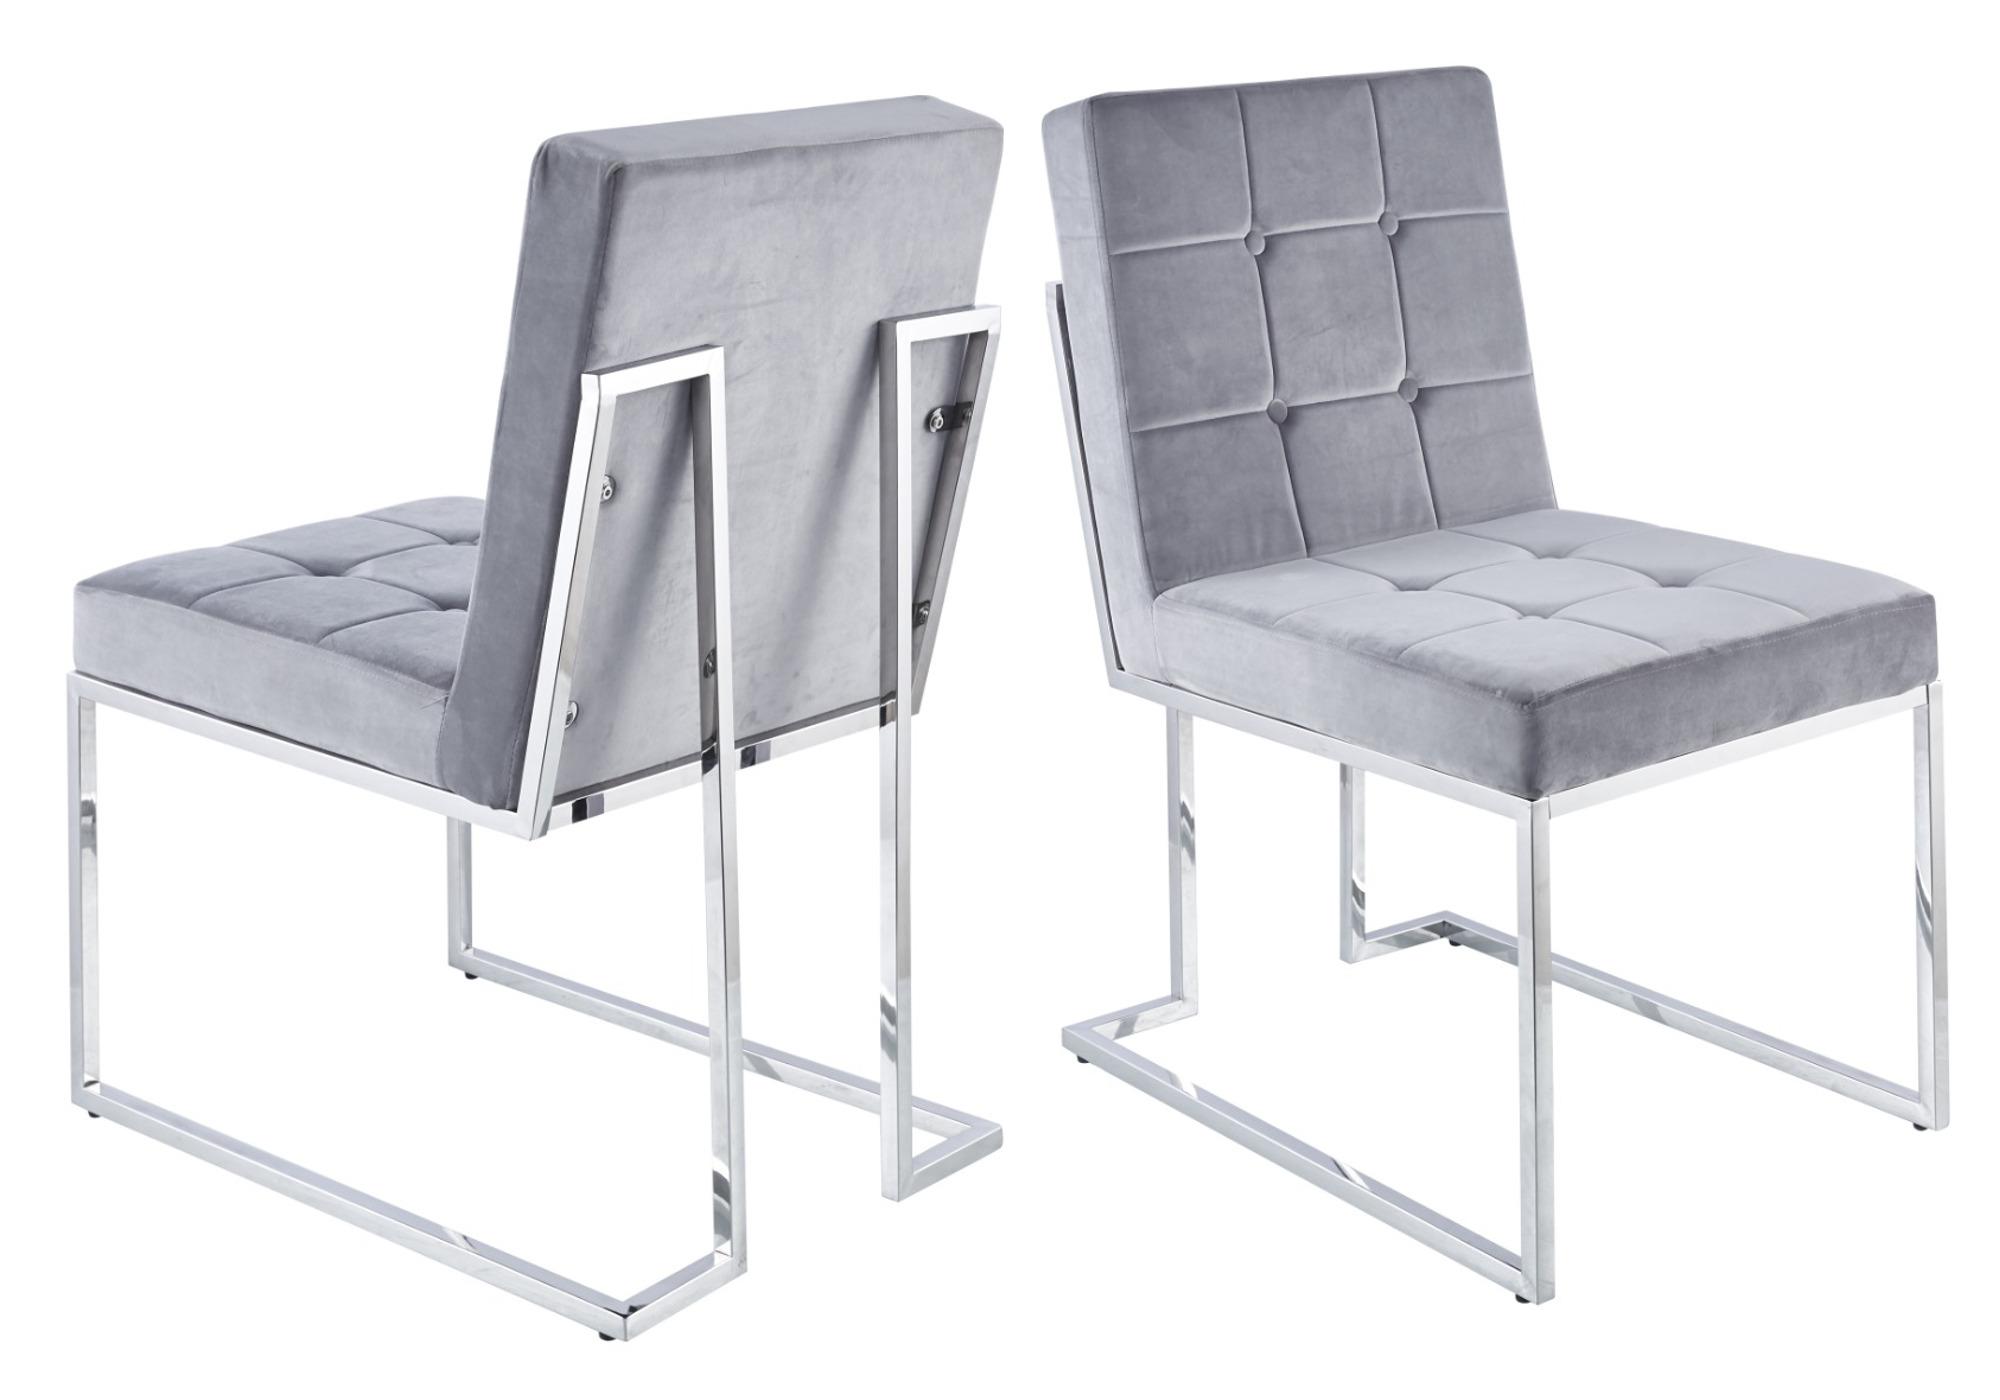 Chaises design capitonné gris RAY